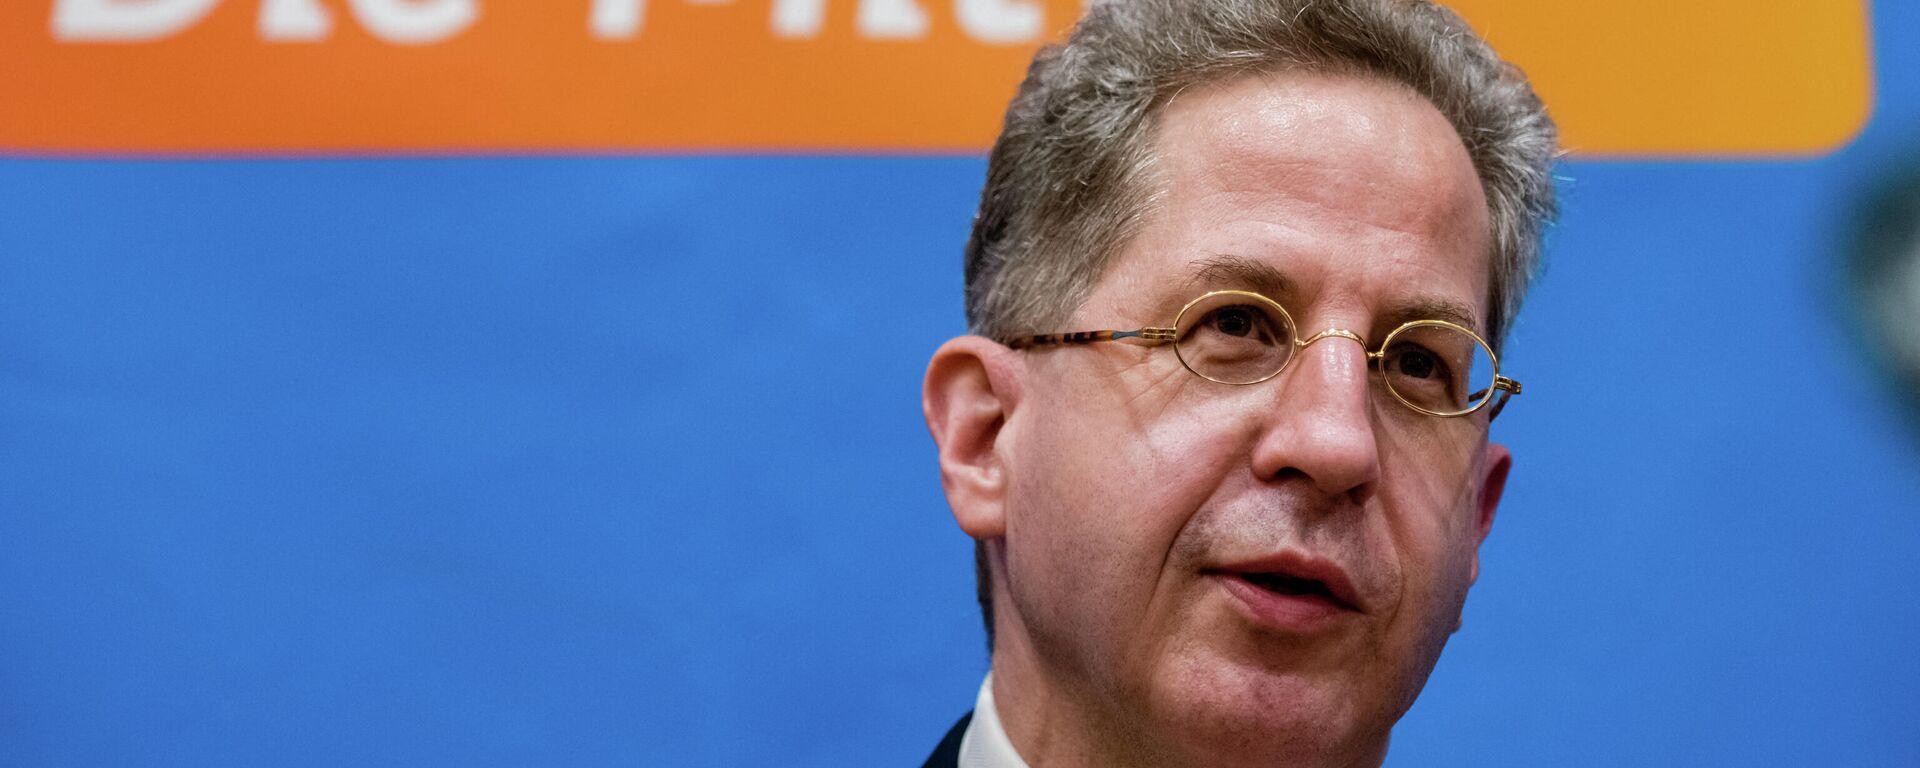 Hans-Georg Maassen, ehemaliger Chef des Bundesverfassungsschutzes, nimmt am 30. April 2021 an einer Wahlkreissitzung der CDU-Kreisverbände im ostdeutschen Suhl teil. - SNA, 1920, 05.07.2021